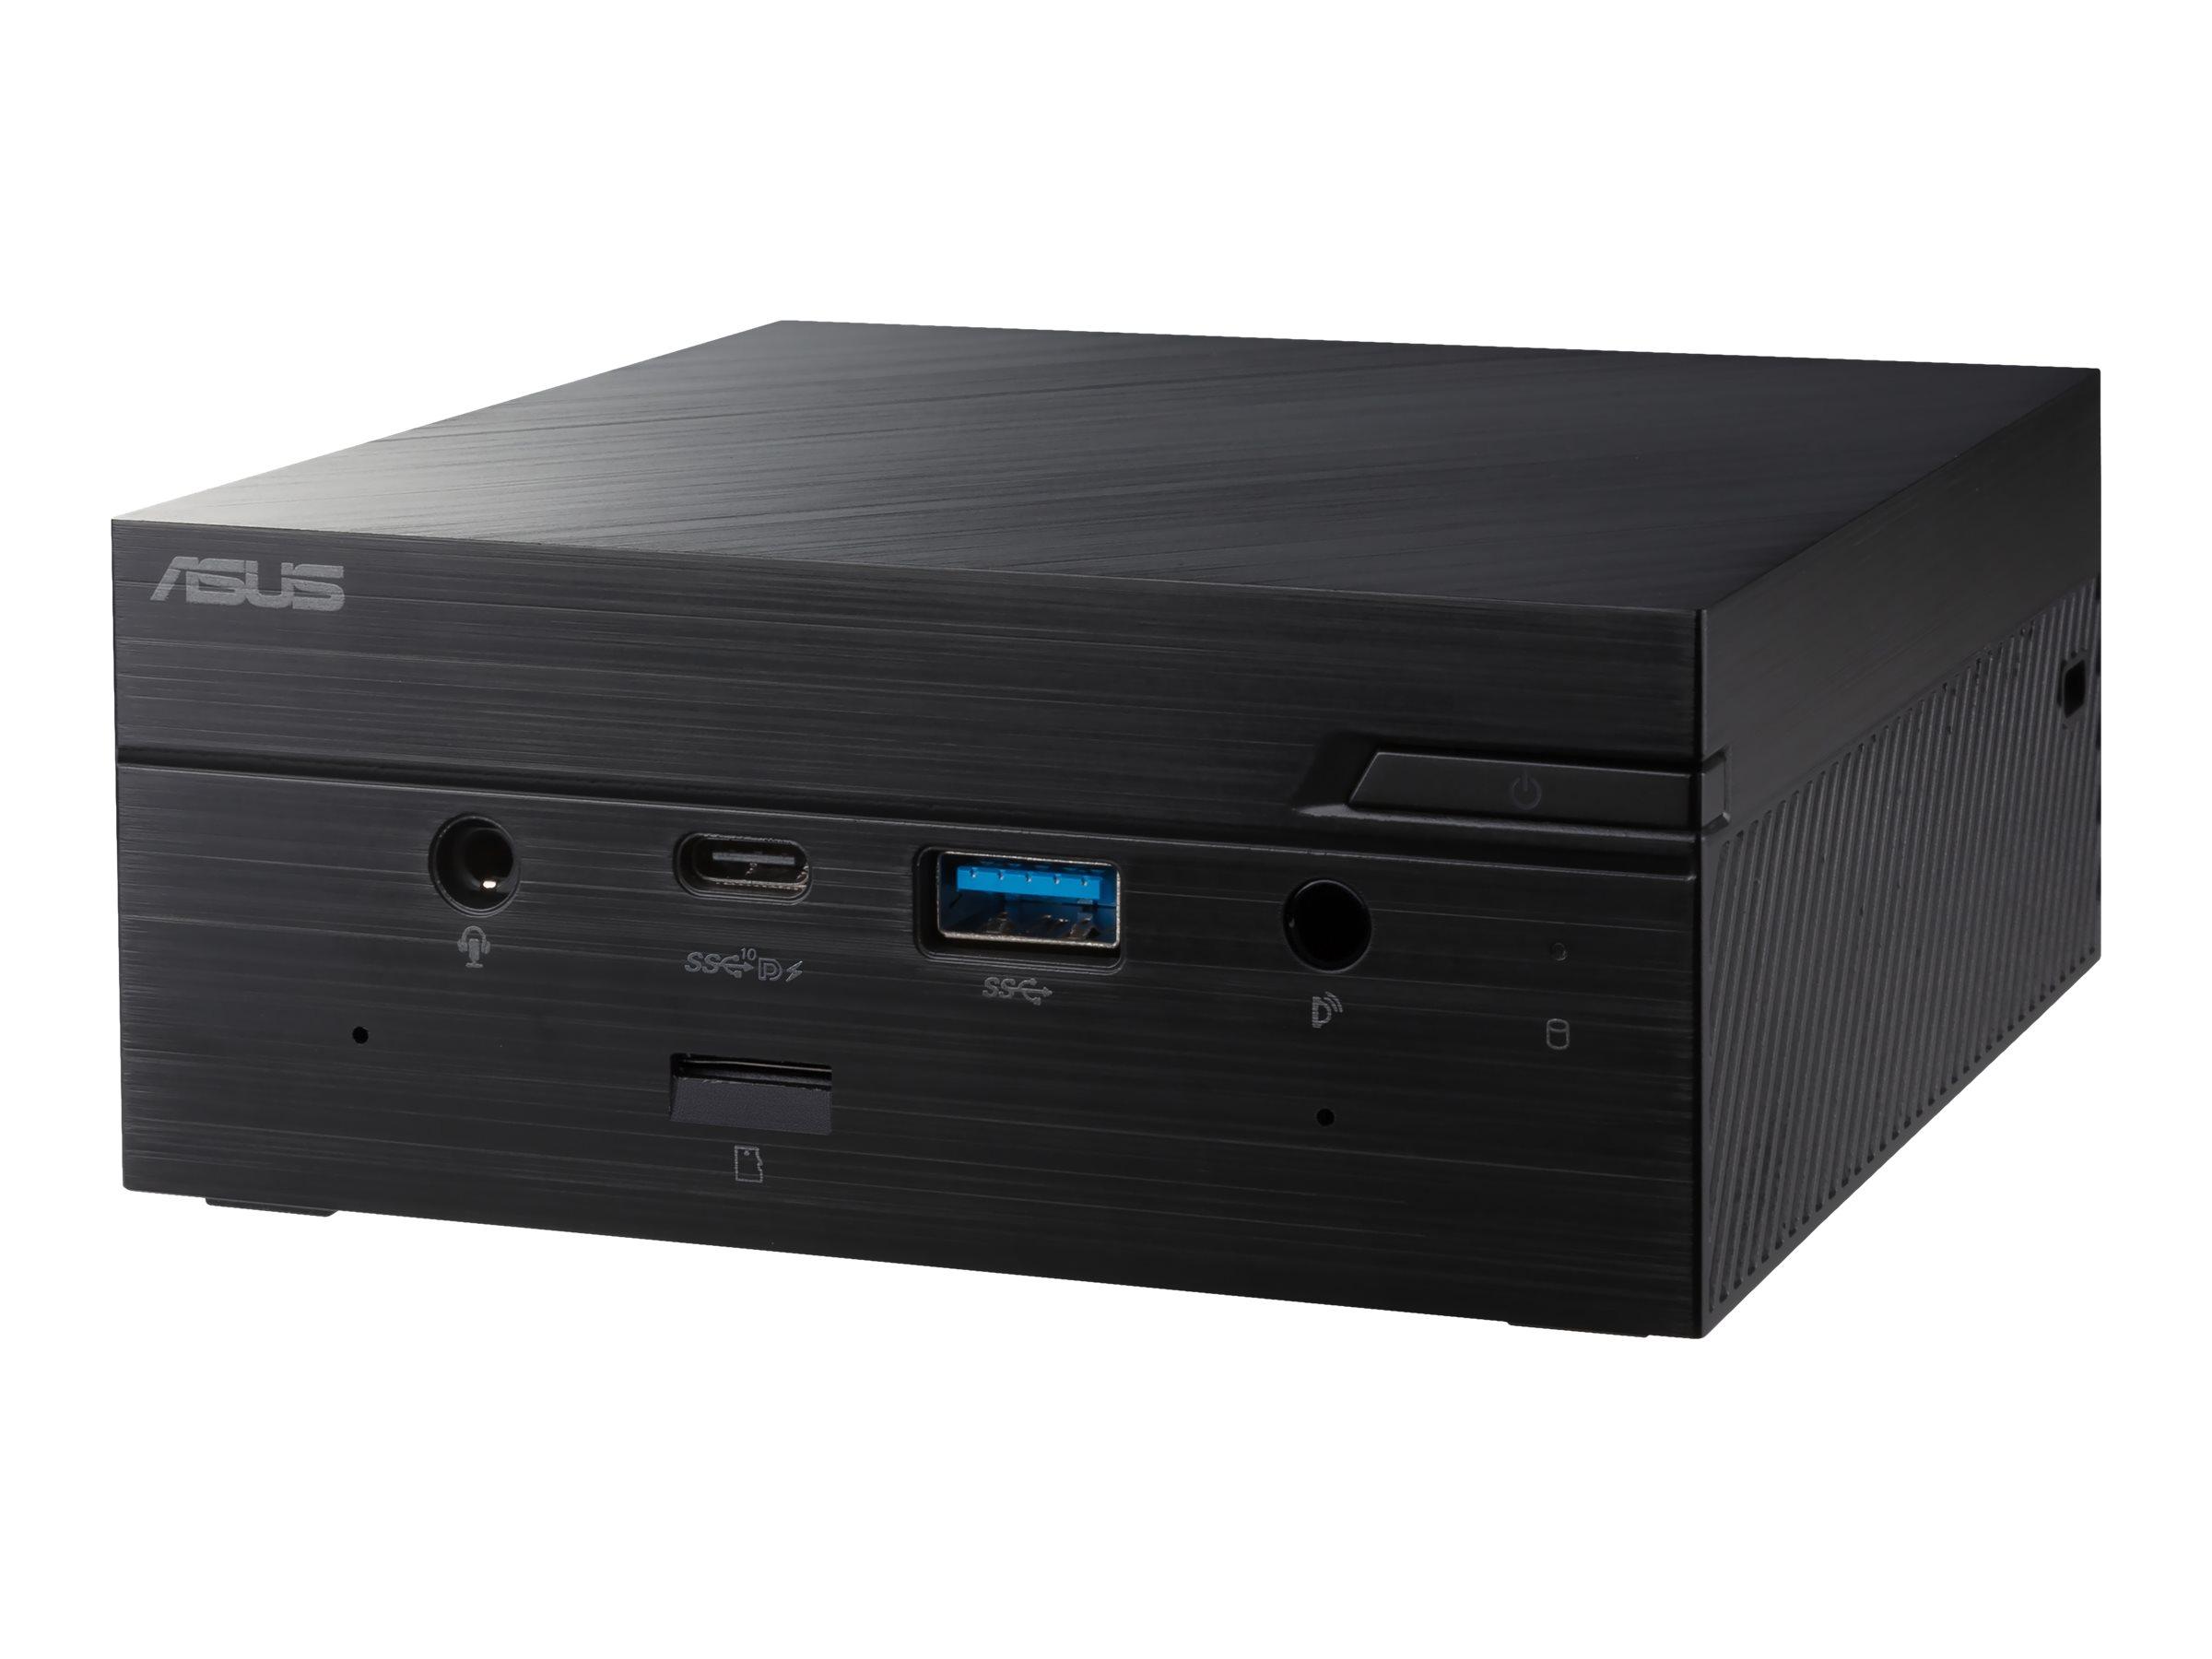 ASUS Mini PC PN50 BBR065MD - mini PC - Ryzen 5 450...